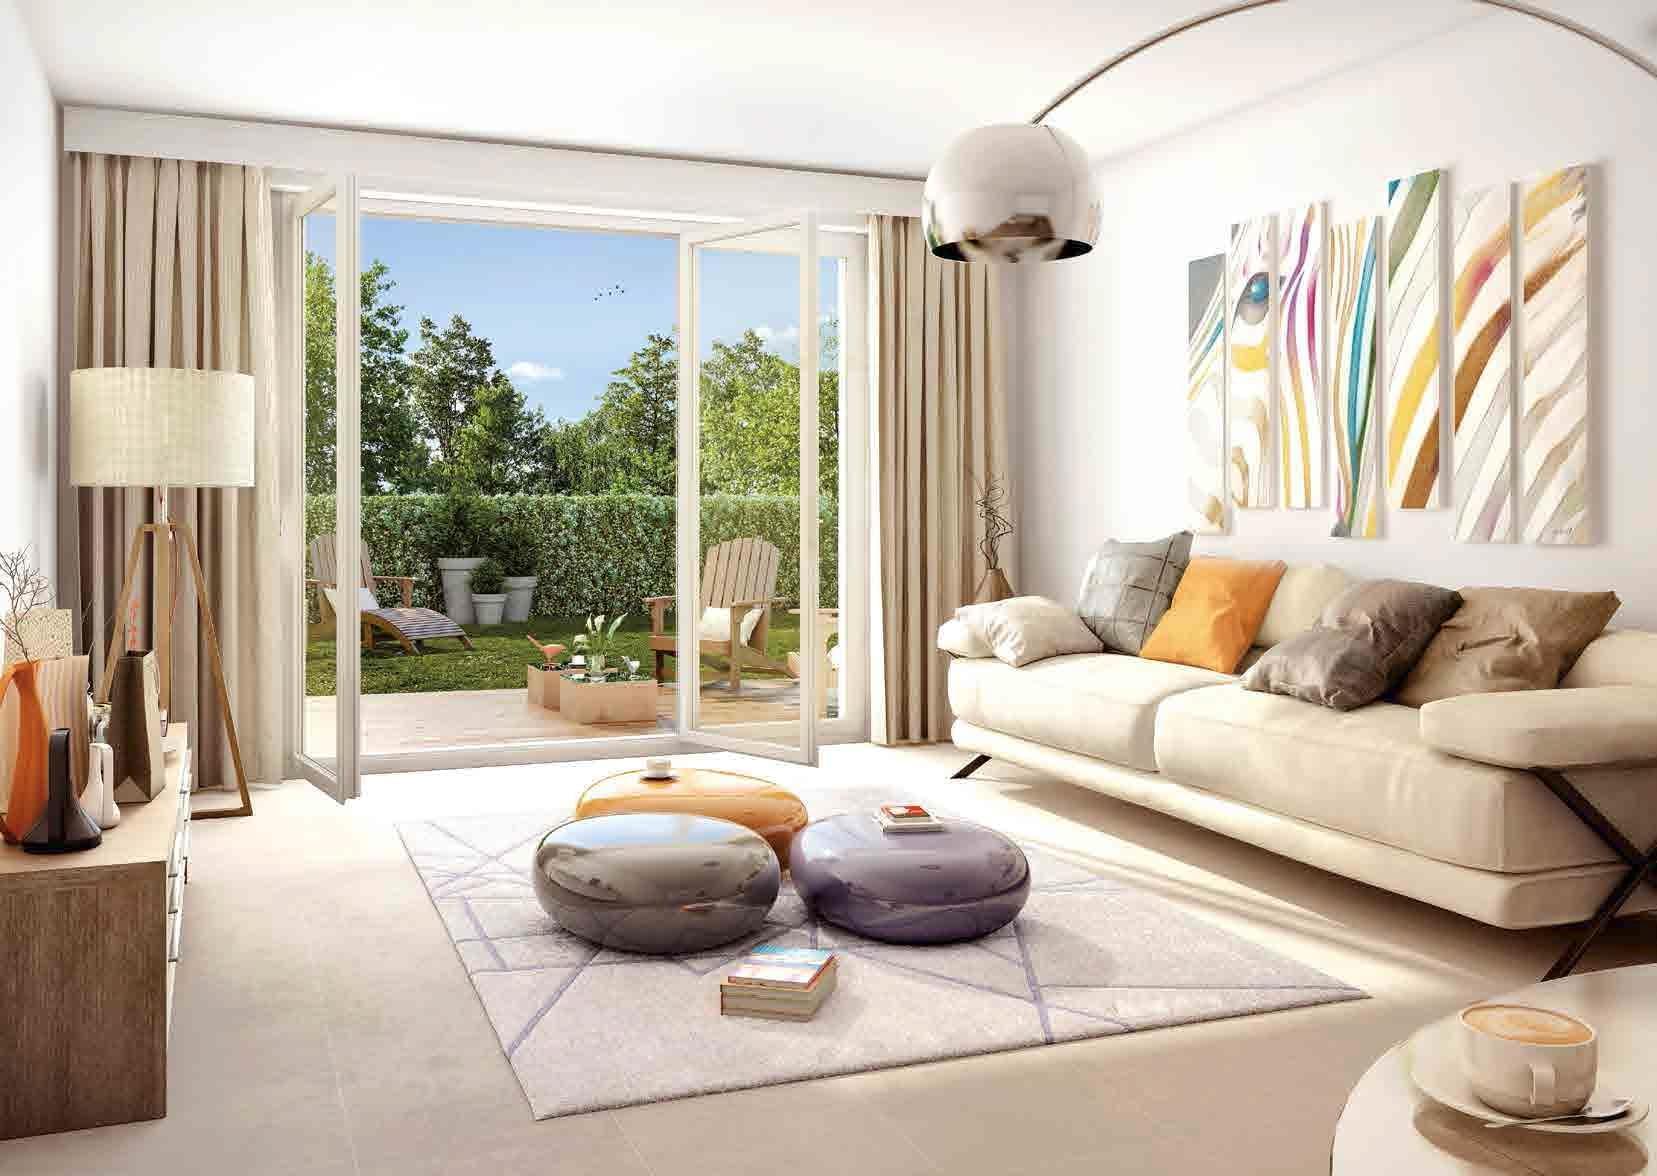 Programme neuf pour acheter votre appartement pinel for Appartement neuf bordeaux loi pinel